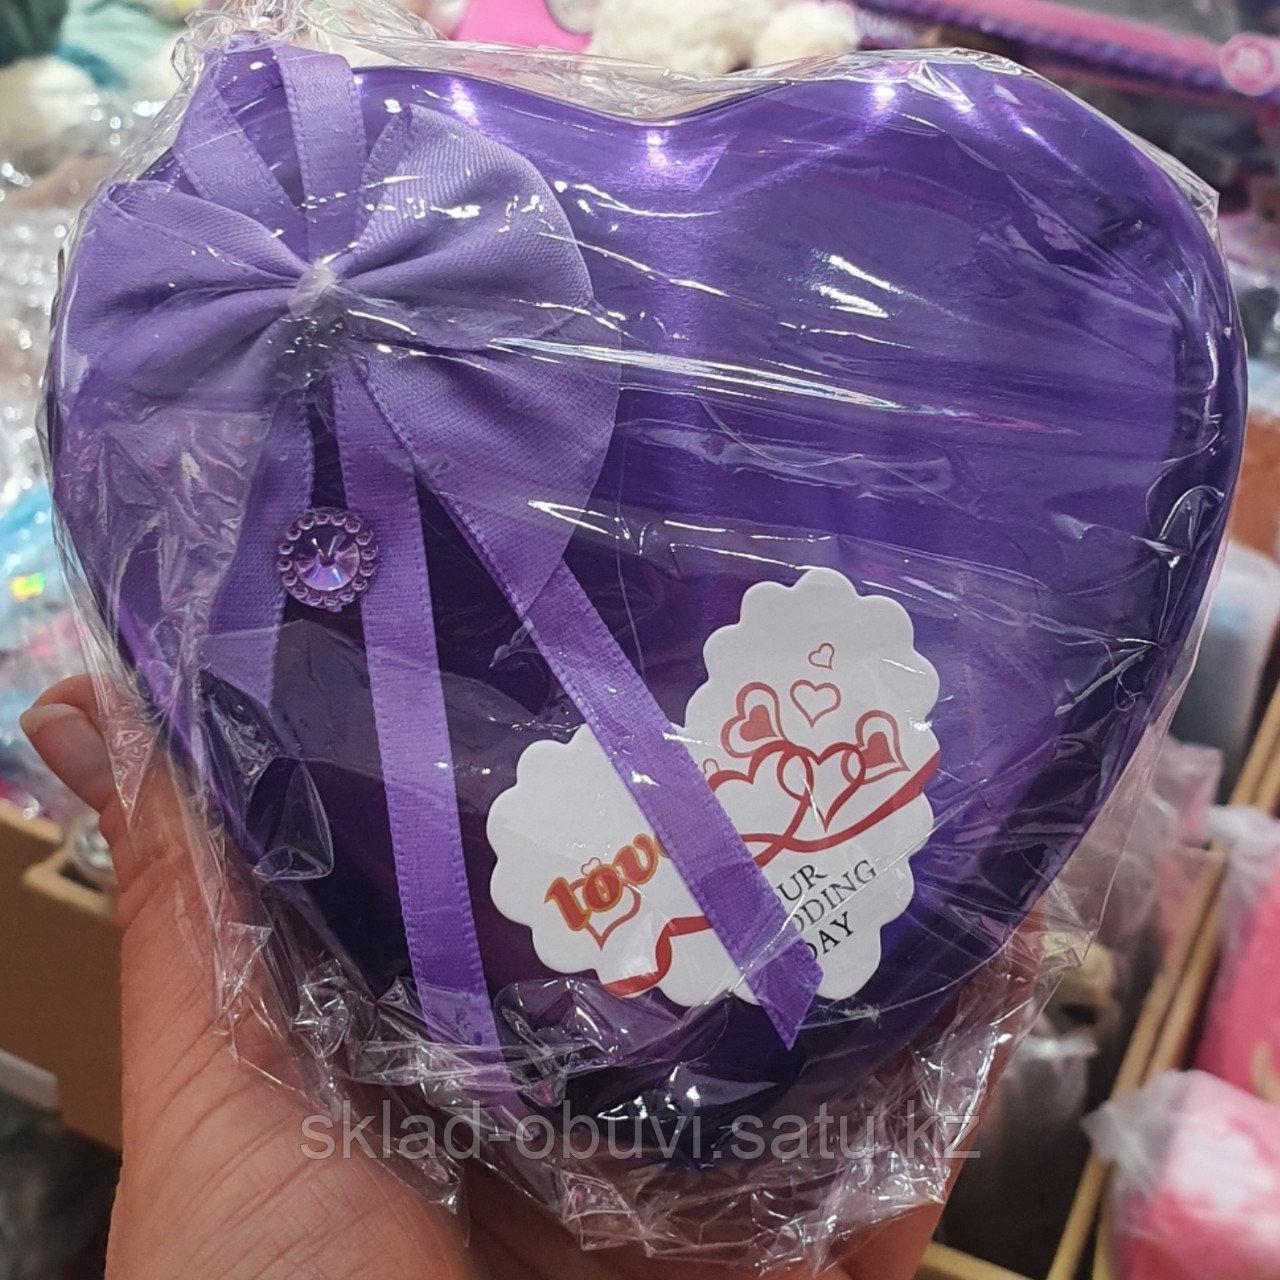 Цветы с игрушкой / милый подарок / букет/ подарочный набор в металлической коробочке в форме сердца - фото 4